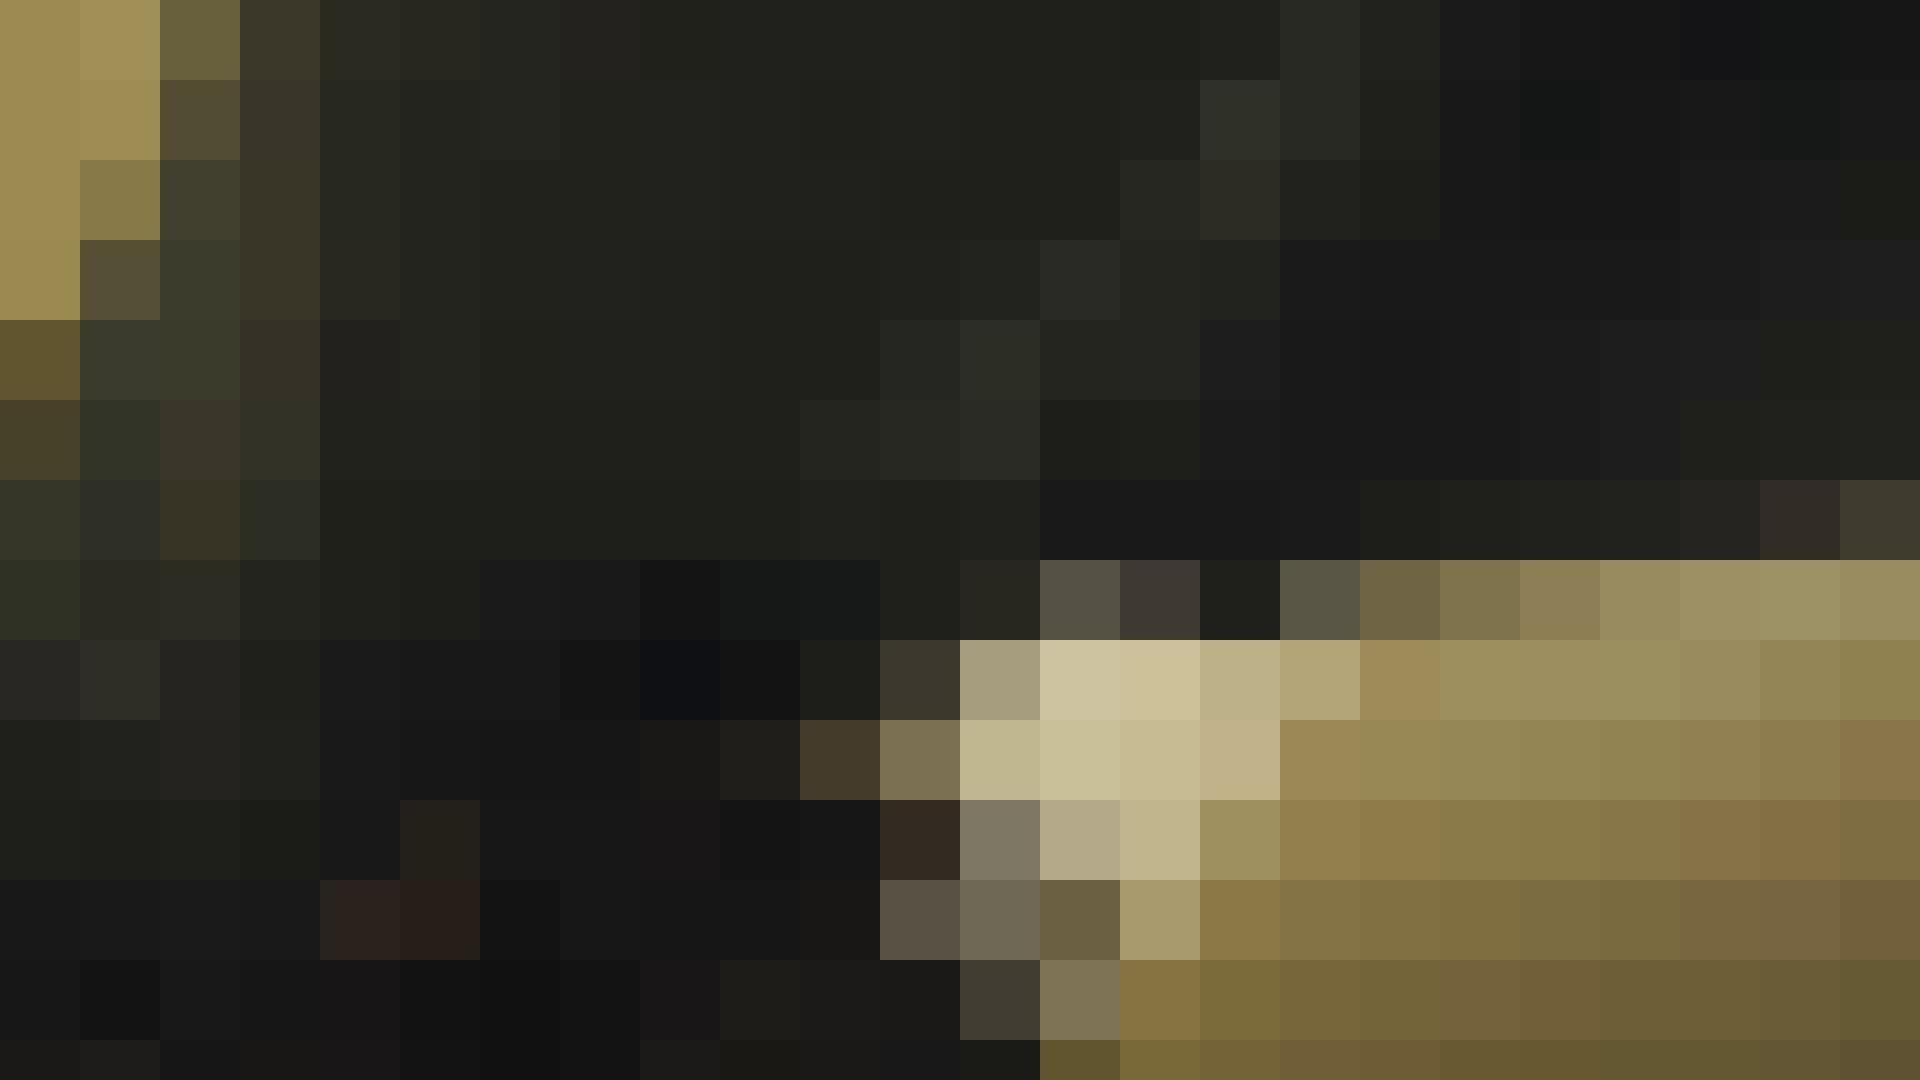 世界の射窓から vol.41 ぼうしタンのアソコ 盛合せ AV動画キャプチャ 91枚 33